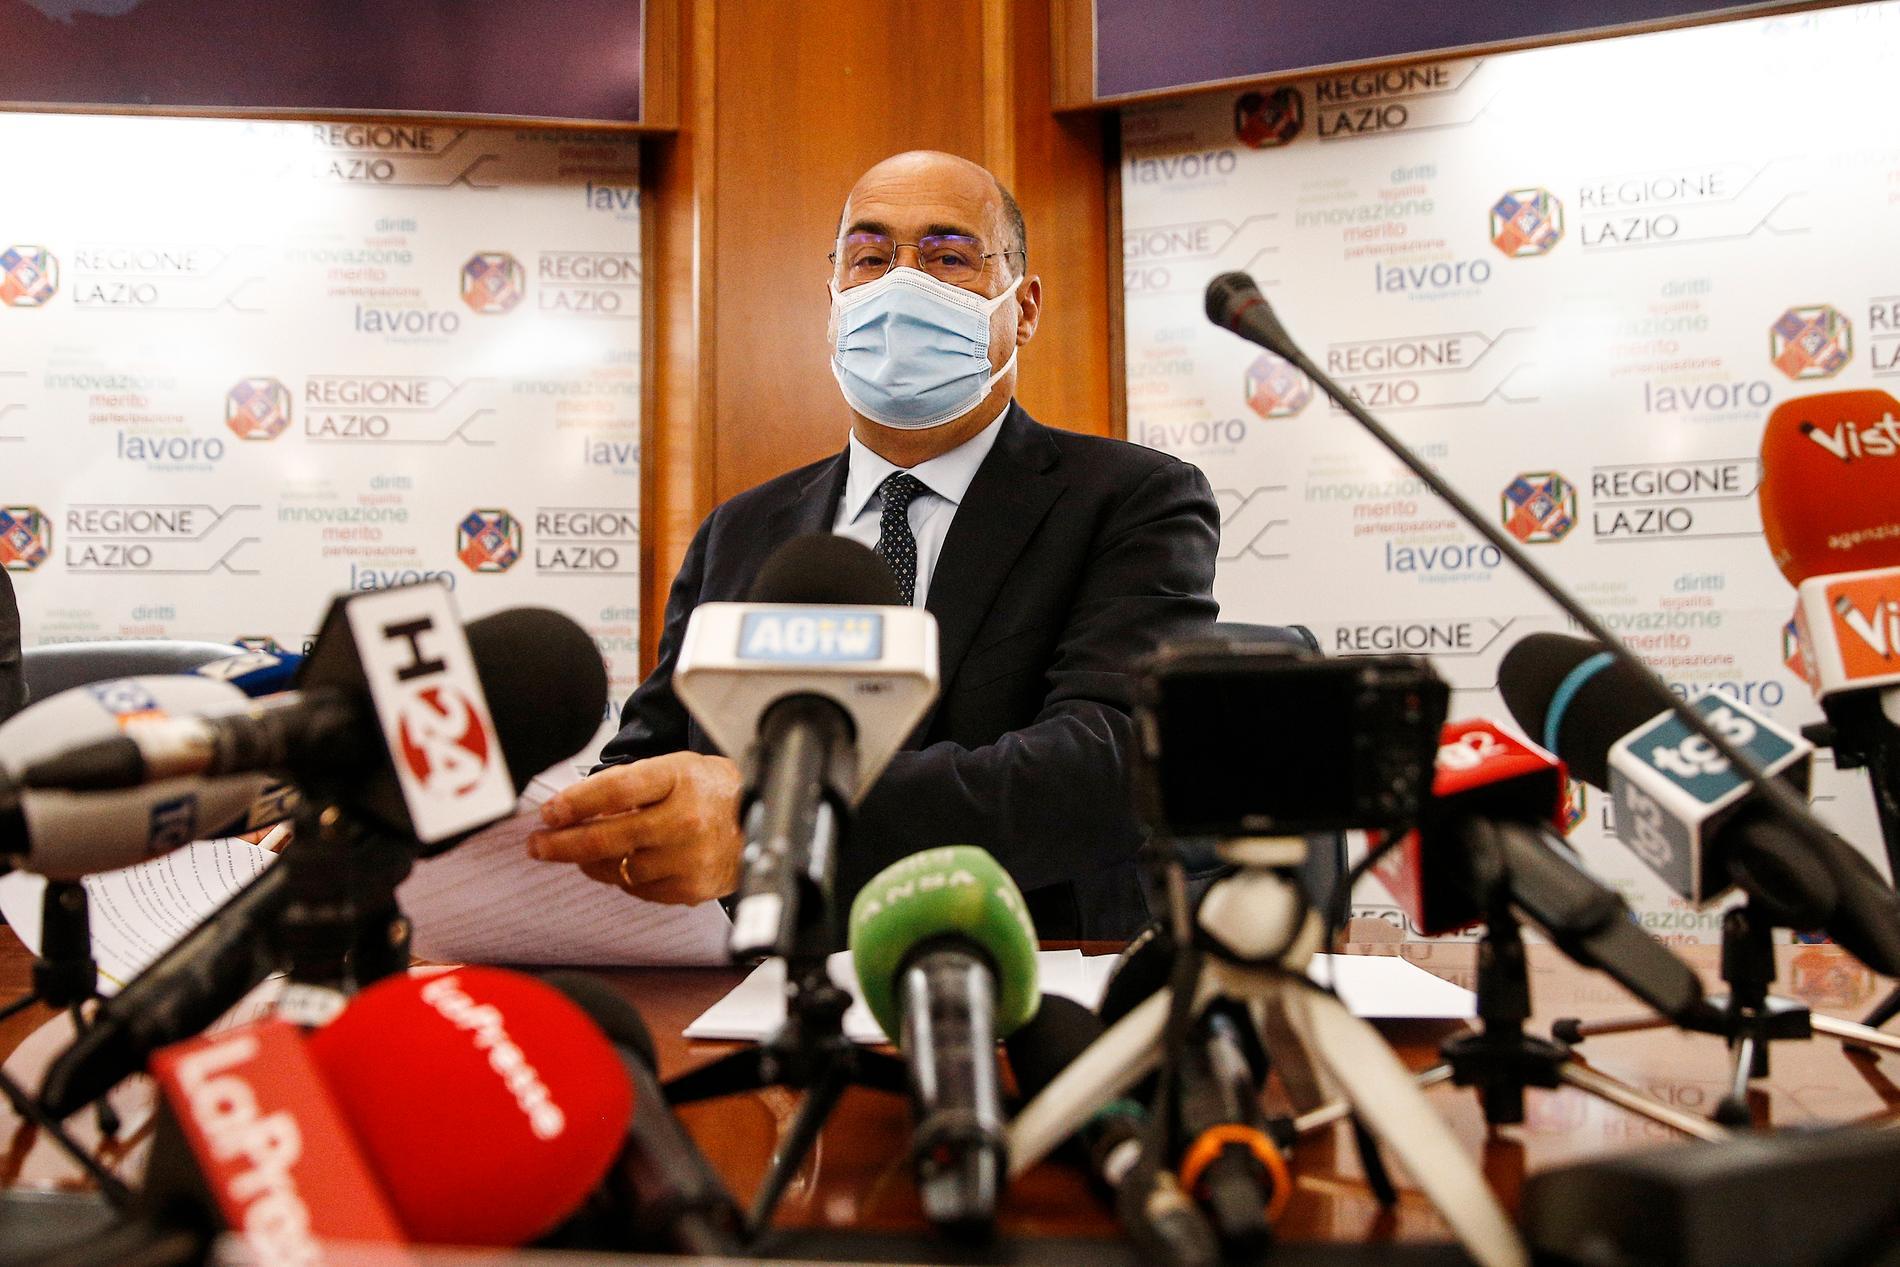 Region Lazios guvernör Nicola Zingaretti betonar att både akutsjukvård och ambulans fungerar normalt trots cyberattacken som slog ut bland annat vaccinationsbokningen.